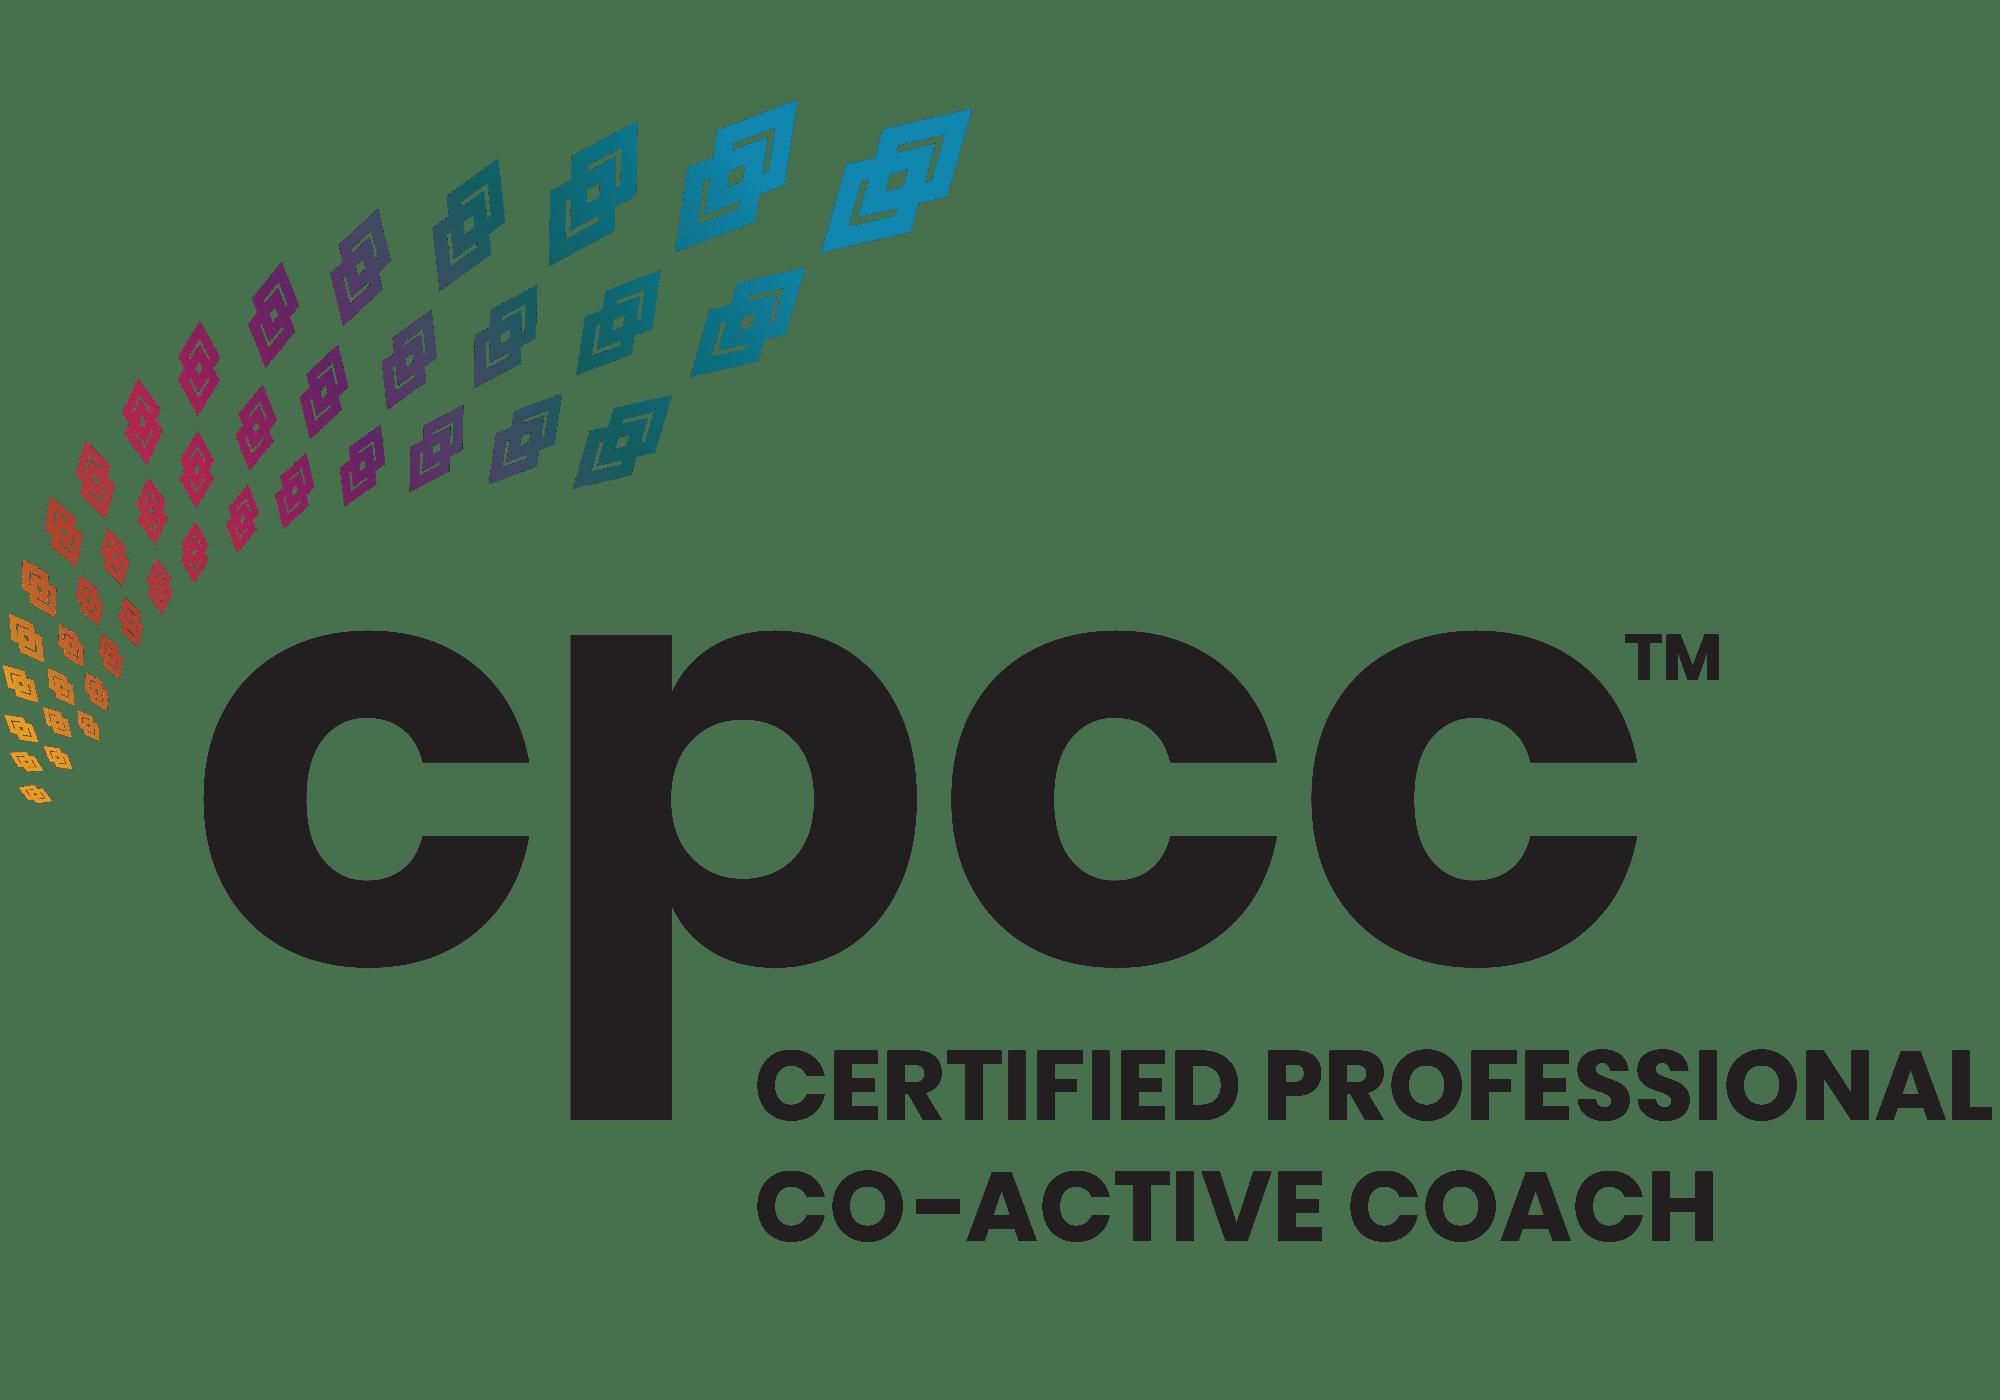 CPCC Coach